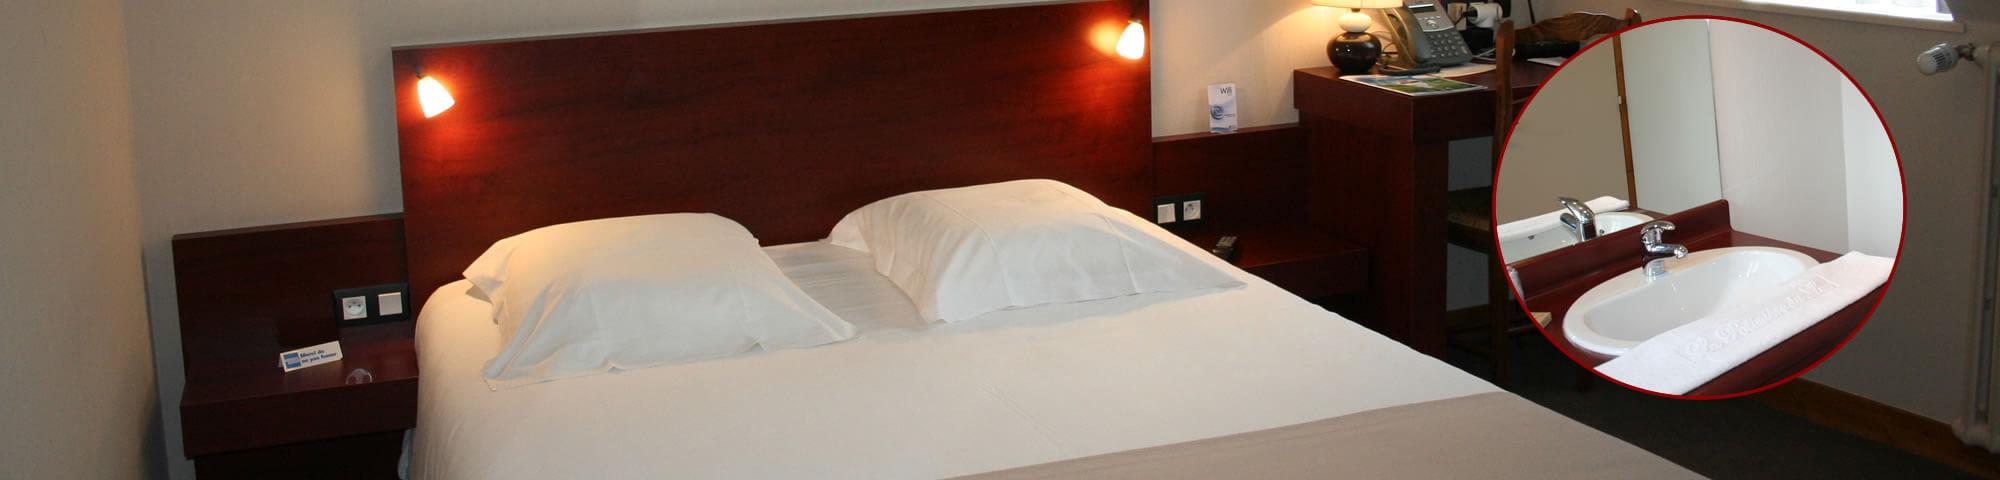 """Chambre confort hôtel """"la potinière"""" Bagnoles de l'orne Normandie"""